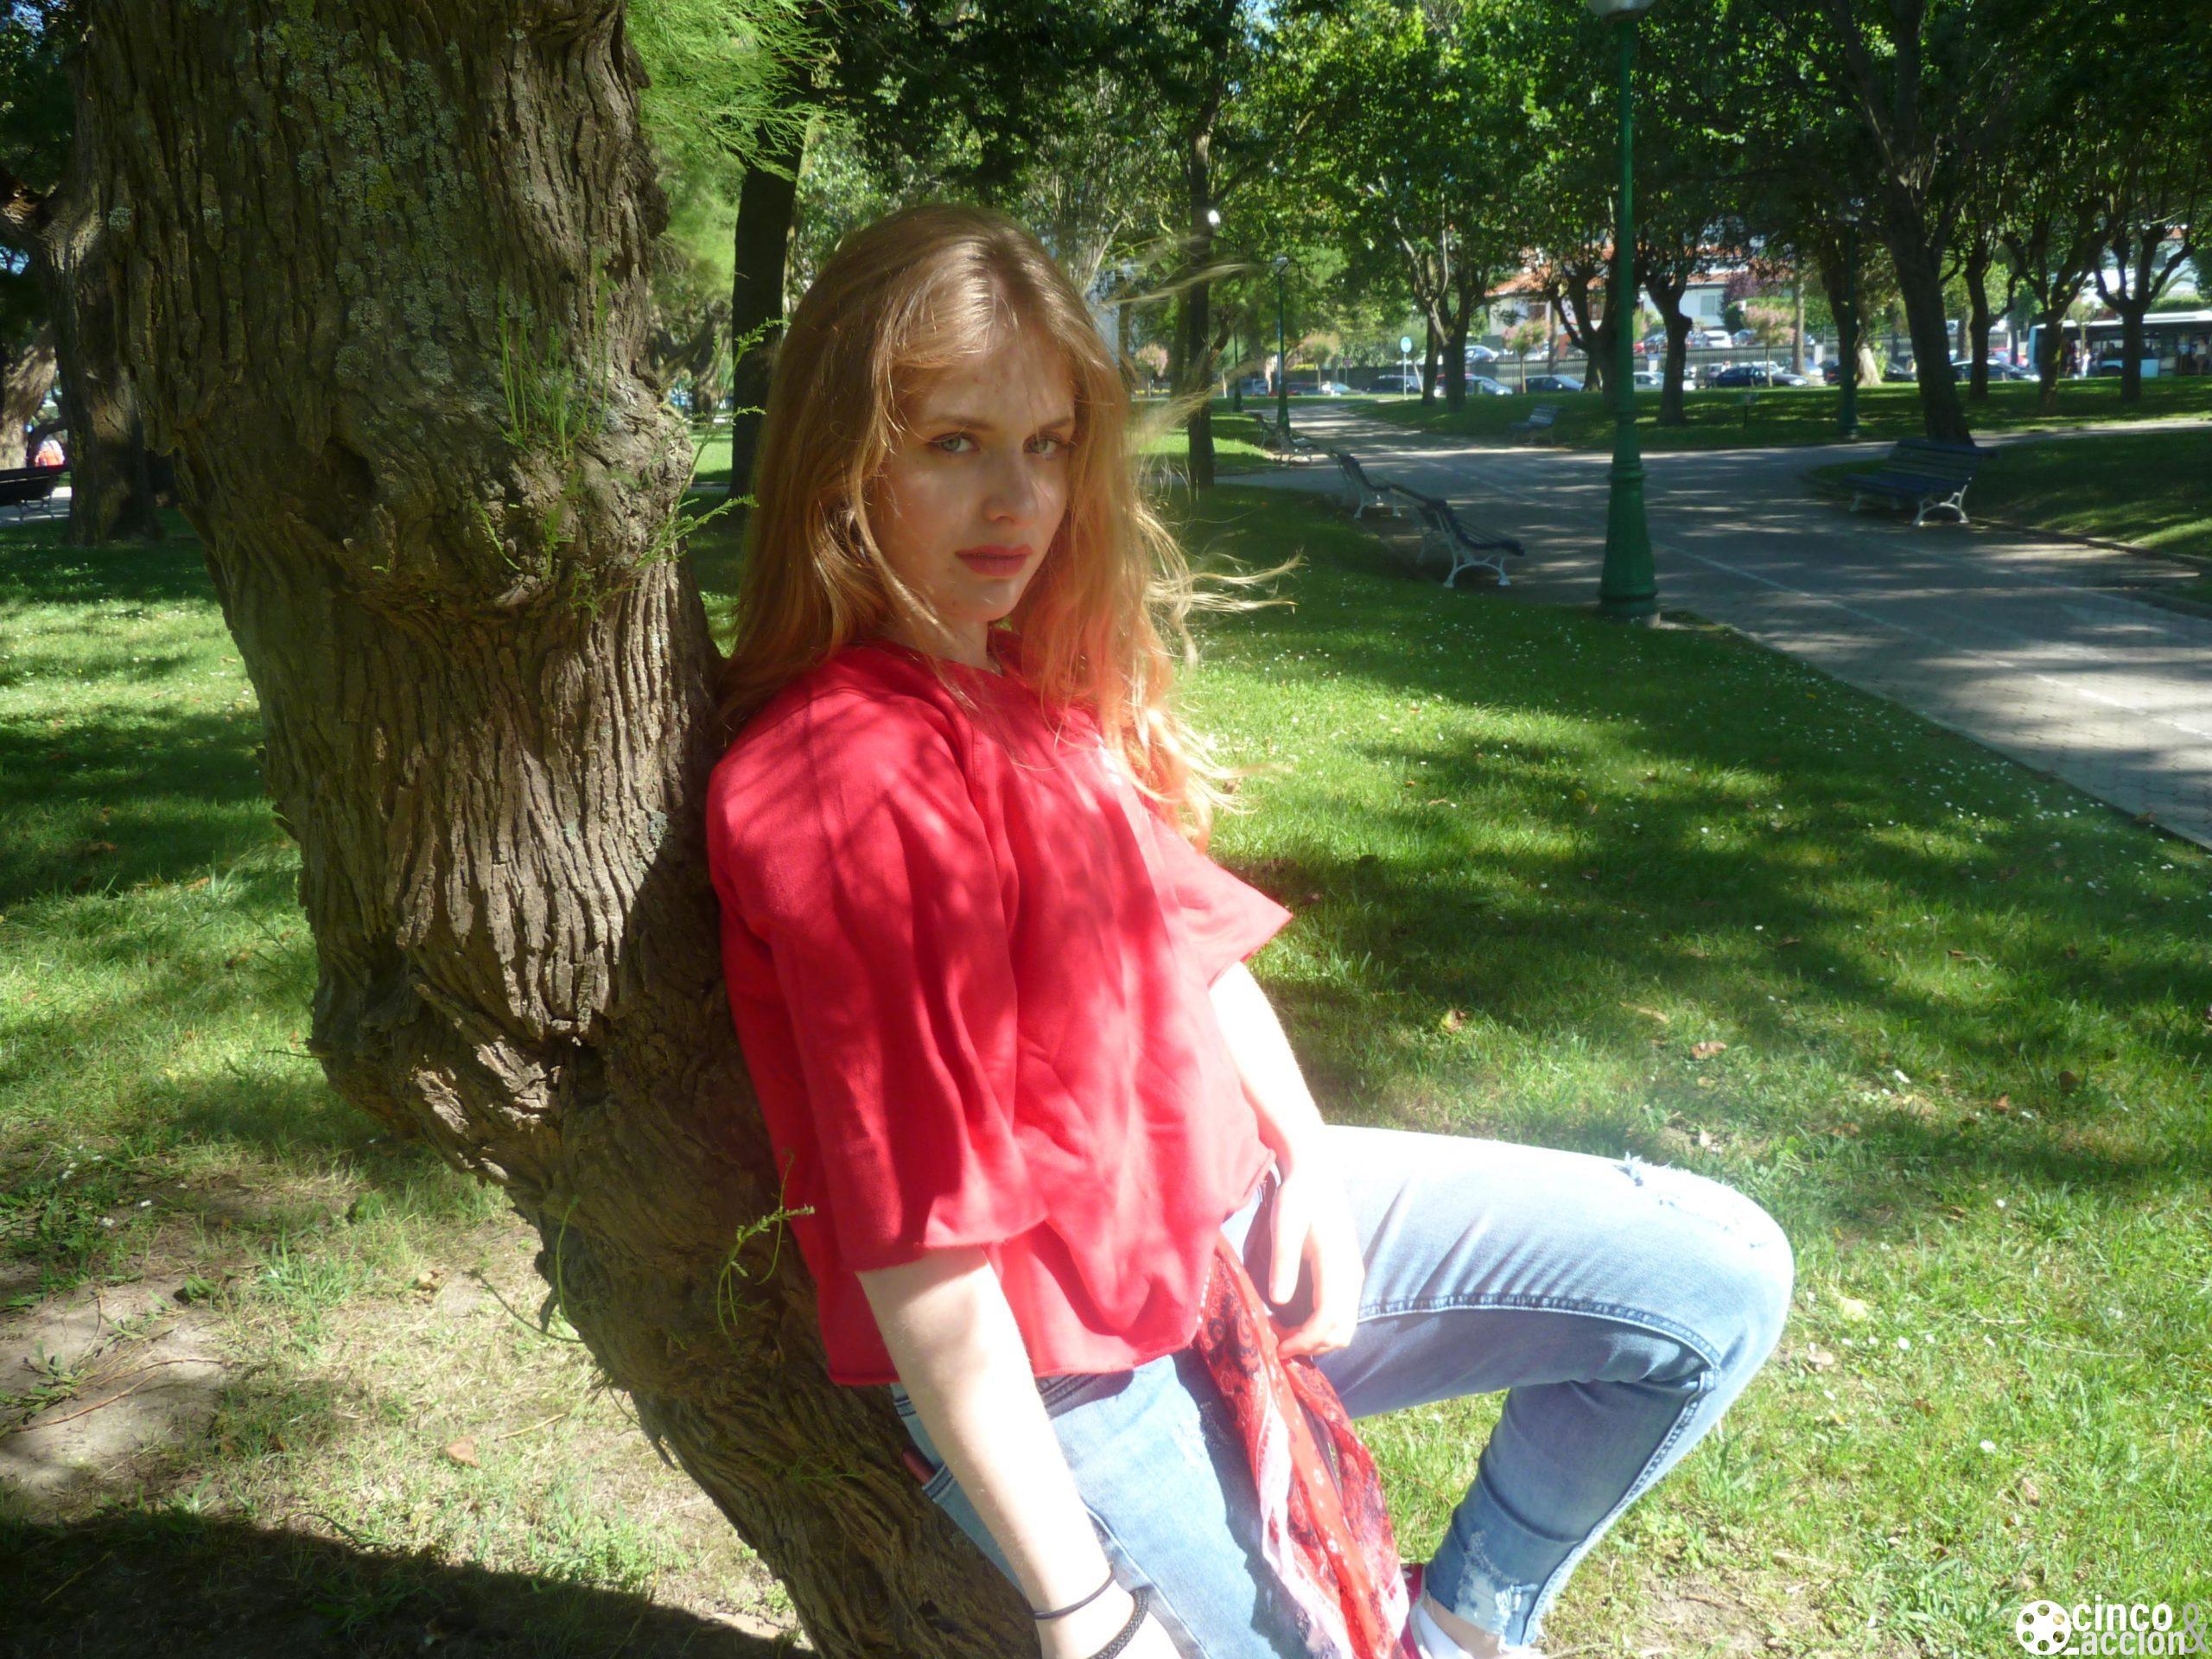 Sofia Matia Luezas